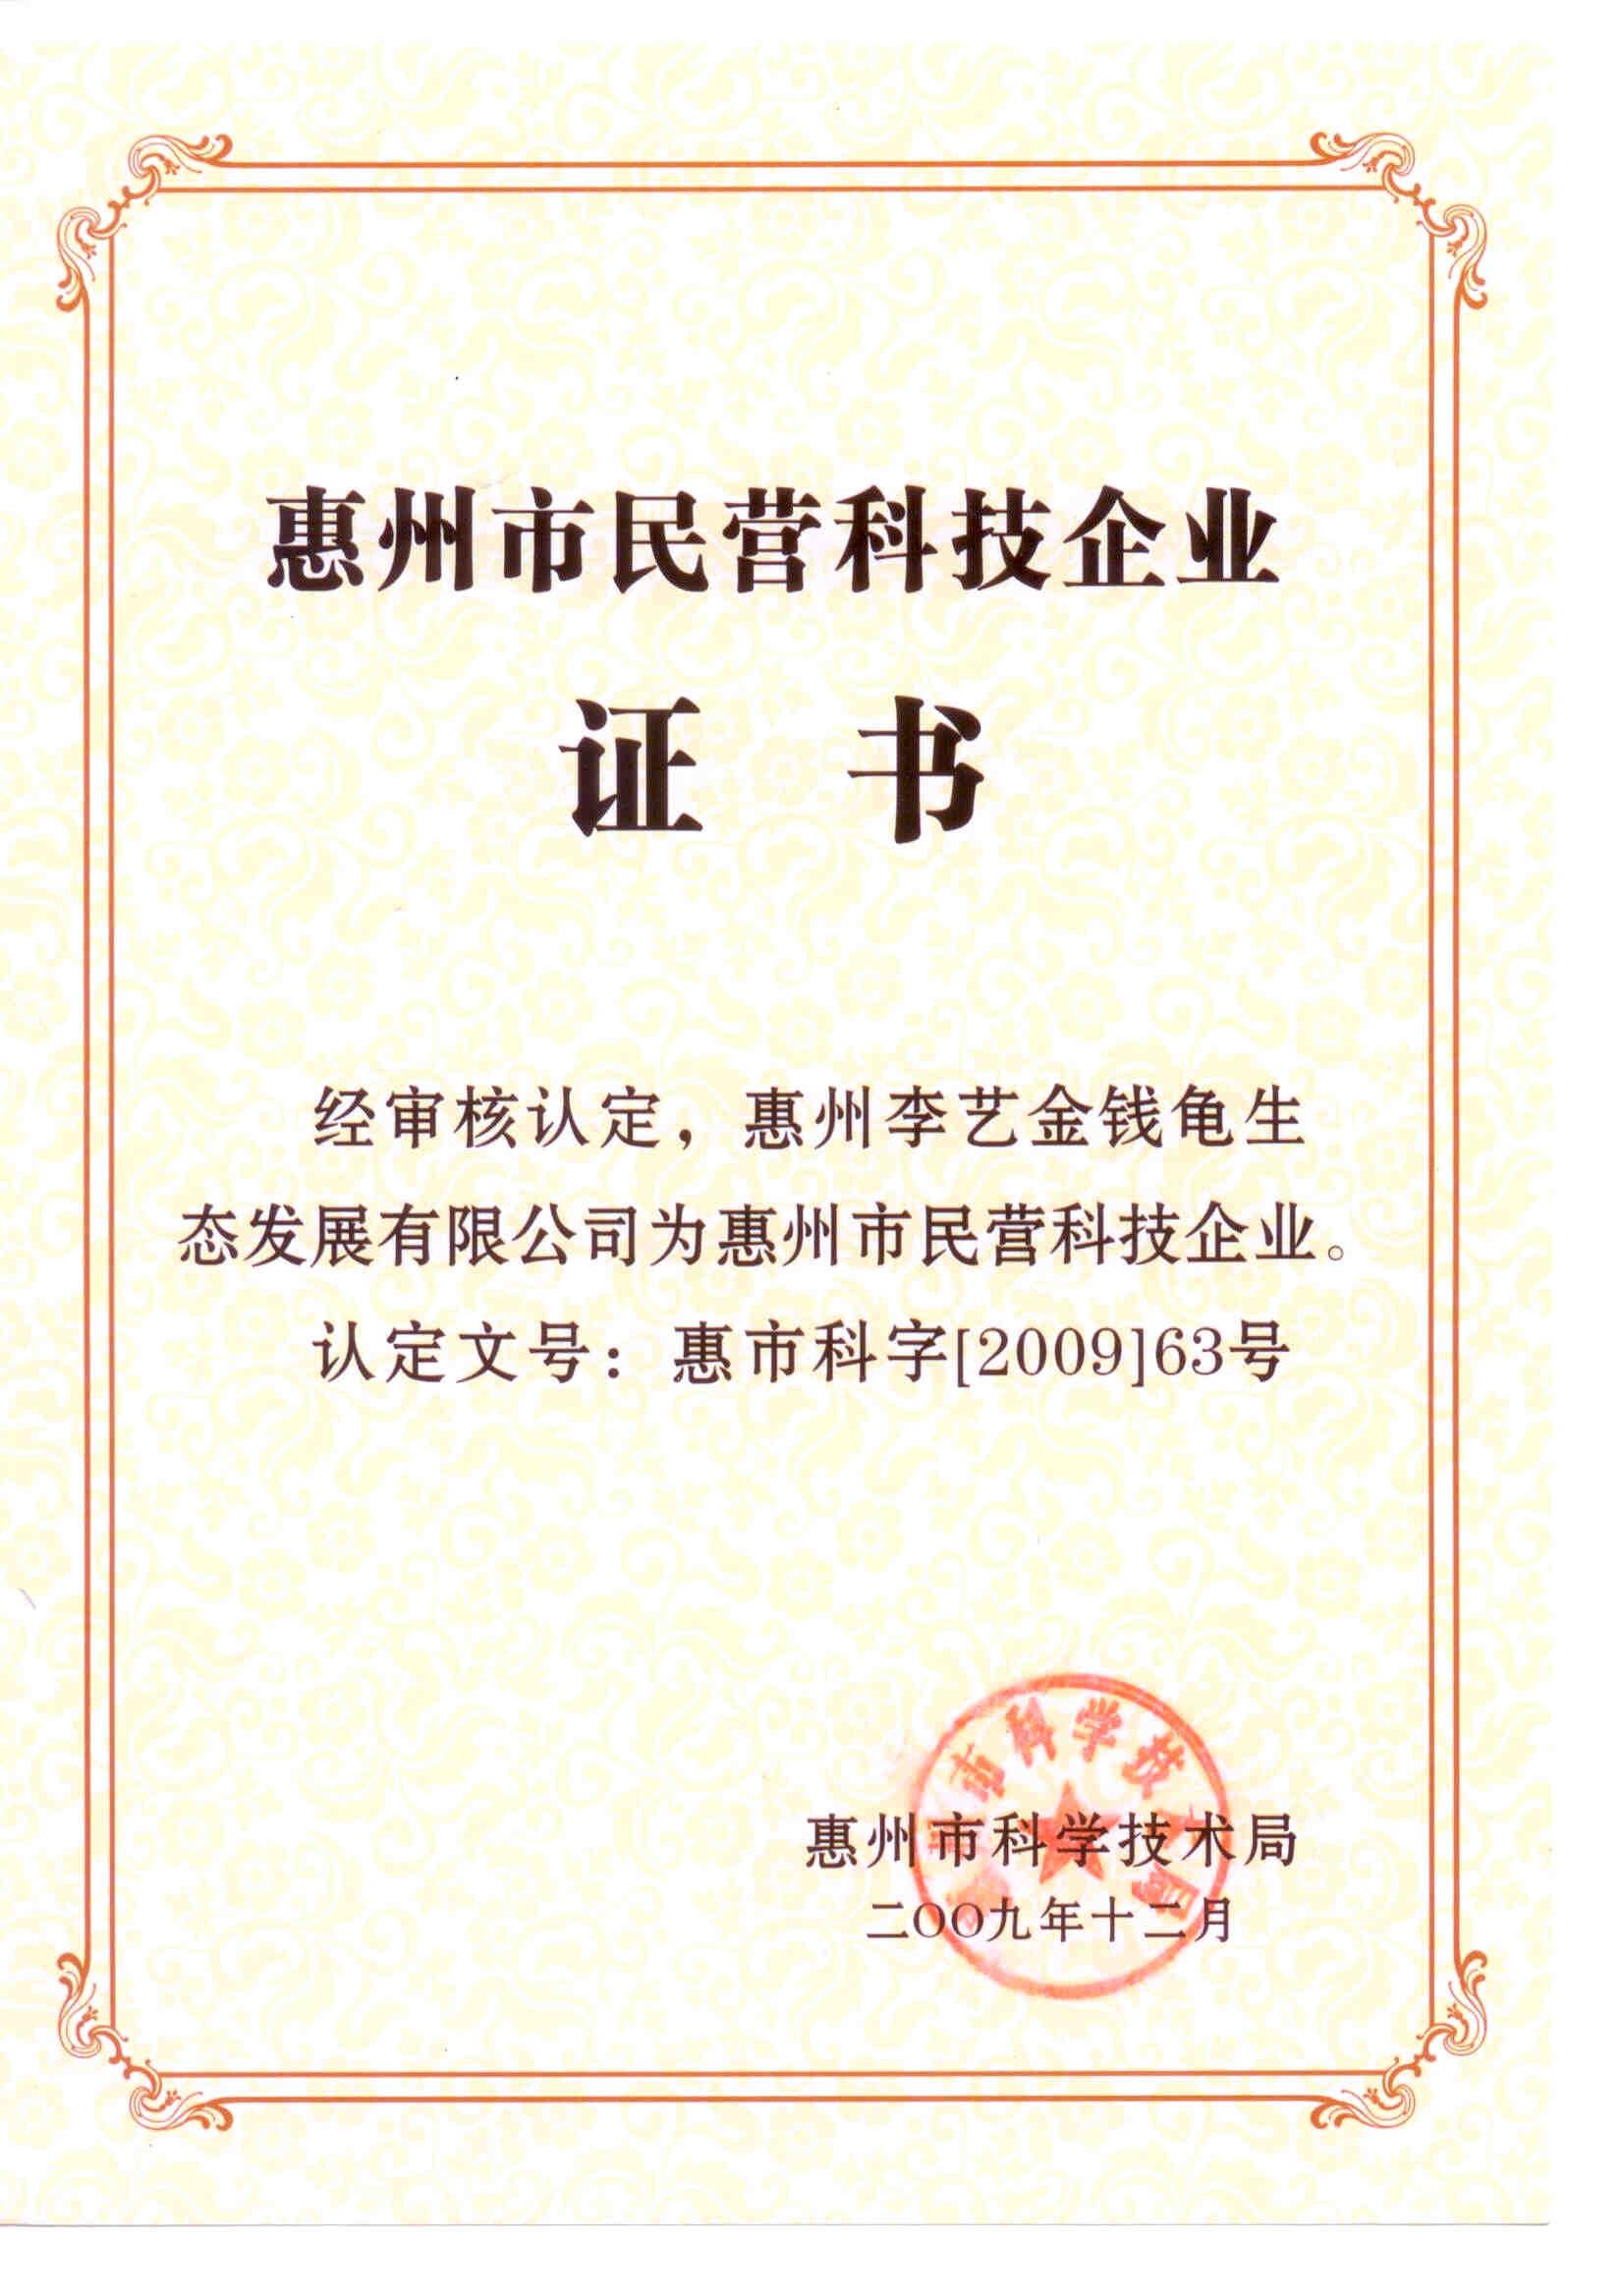 惠州市民營科技企業證書-原件